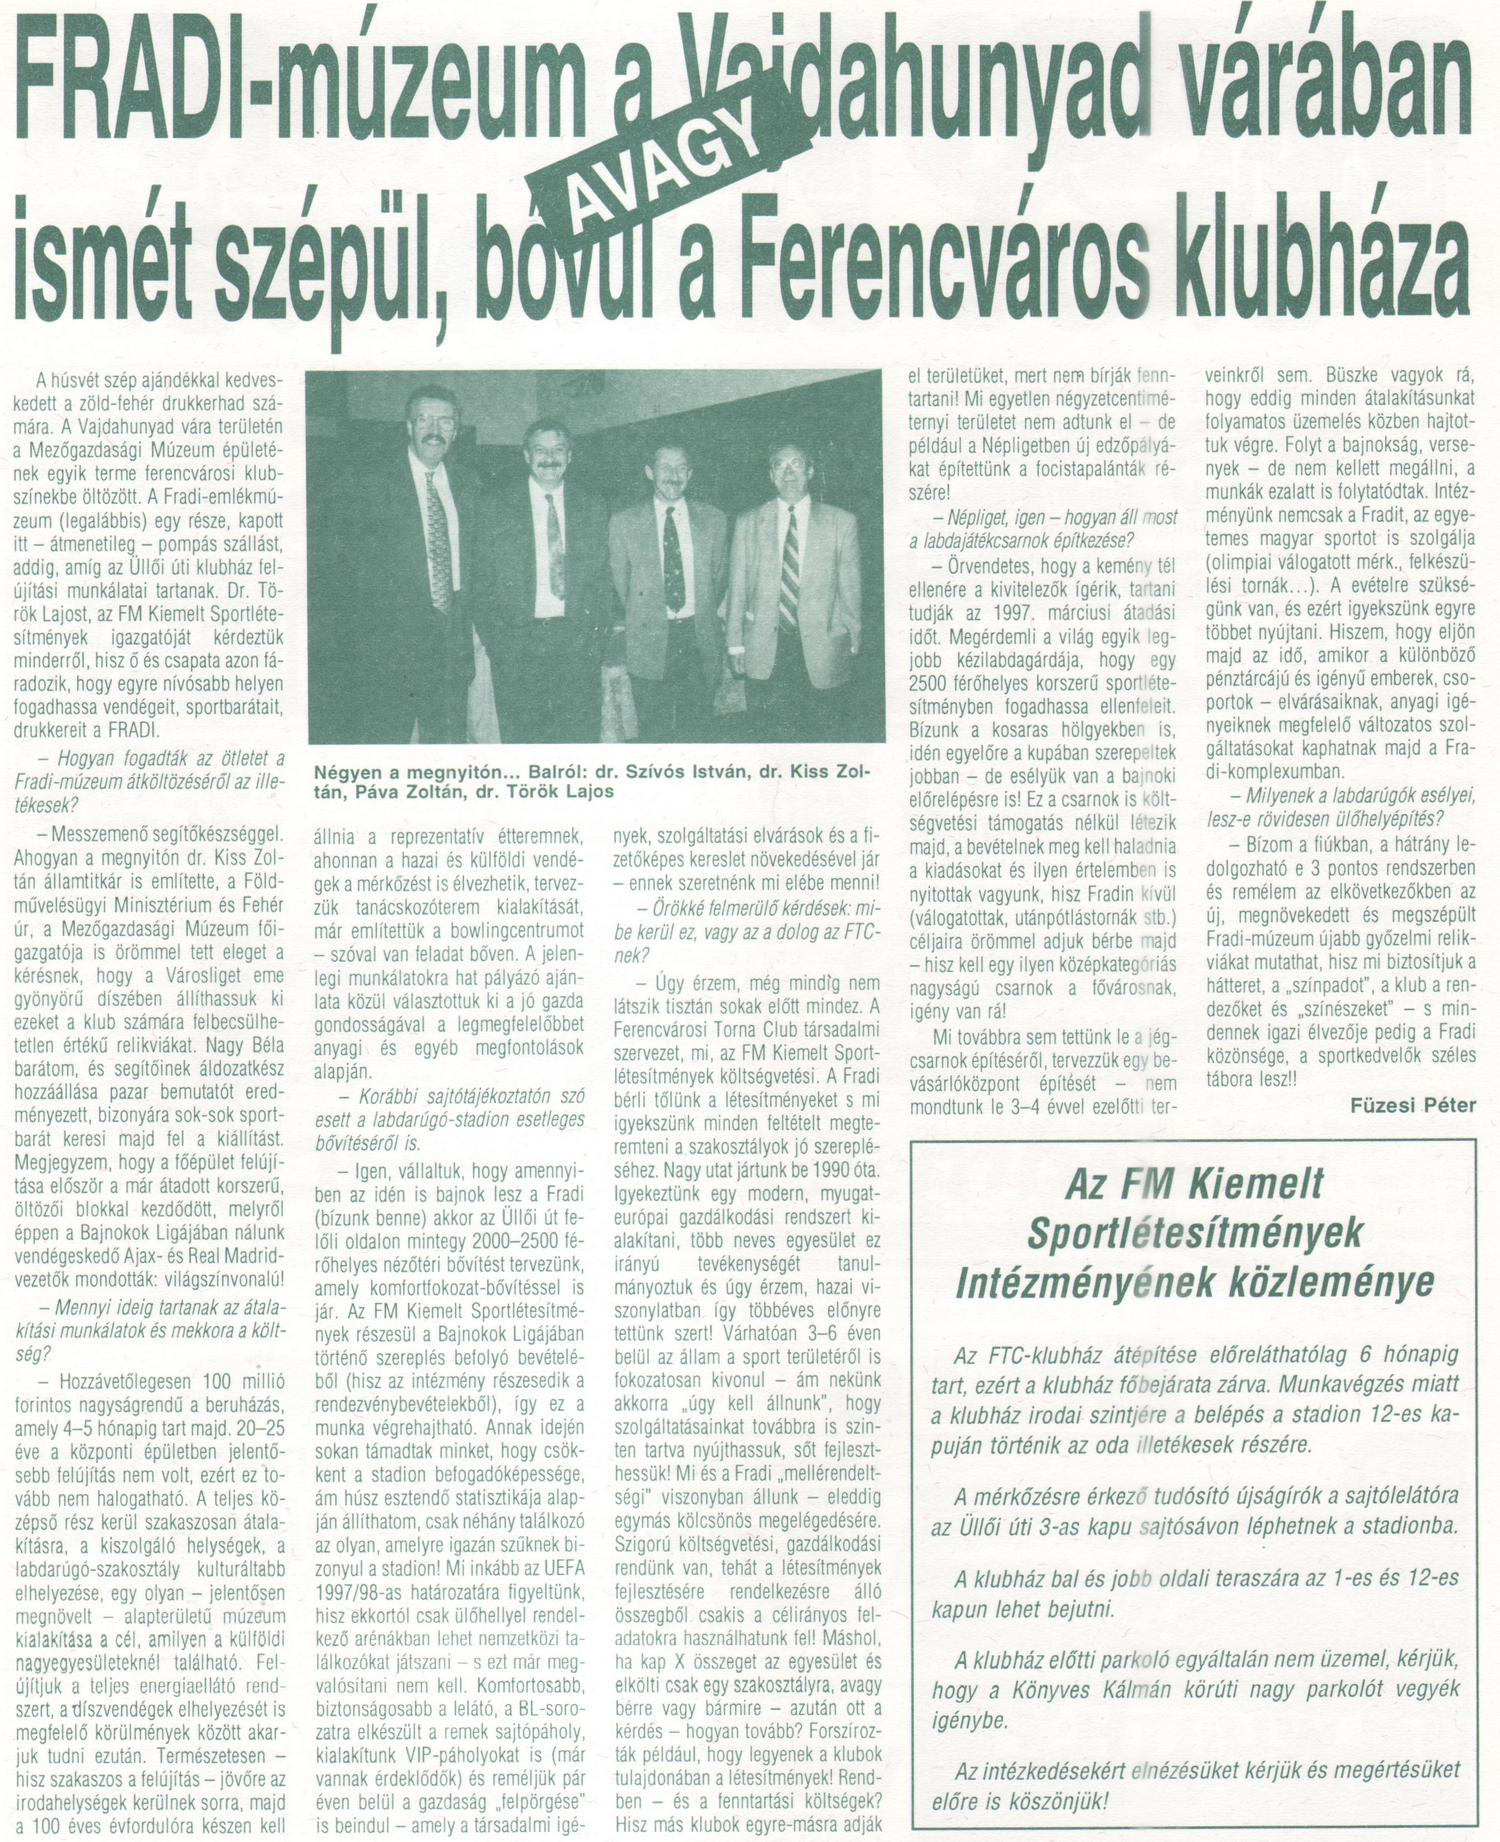 TFU_19960417_FU_MK - 0010